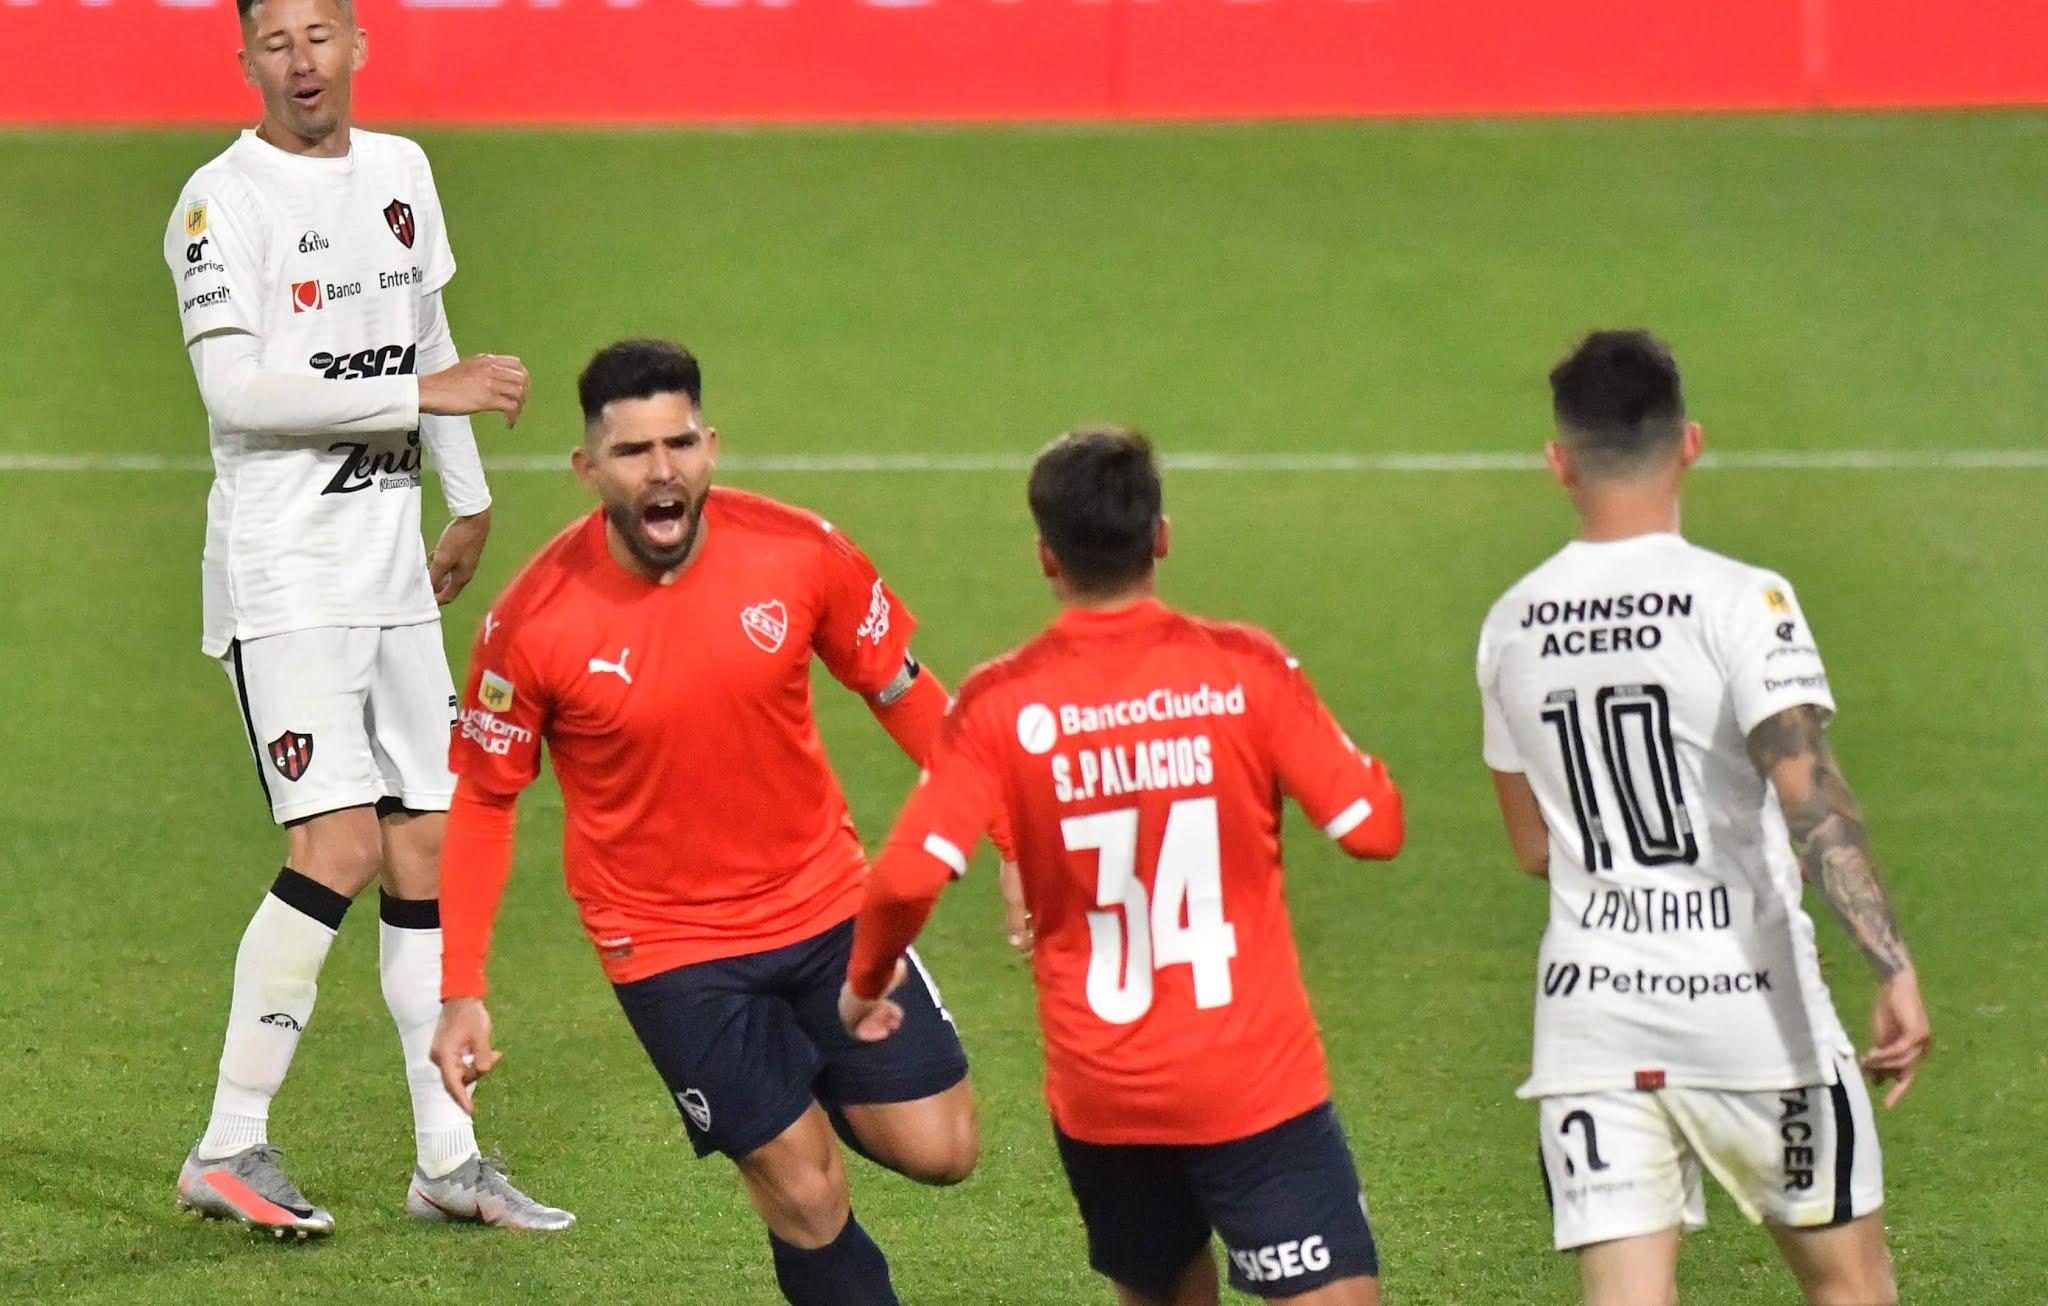 Independiente venció a Patronato y no solo se metió en los primeros lugares del torneo, sino que además se metió en la clasificación para la Libertadores 2022.